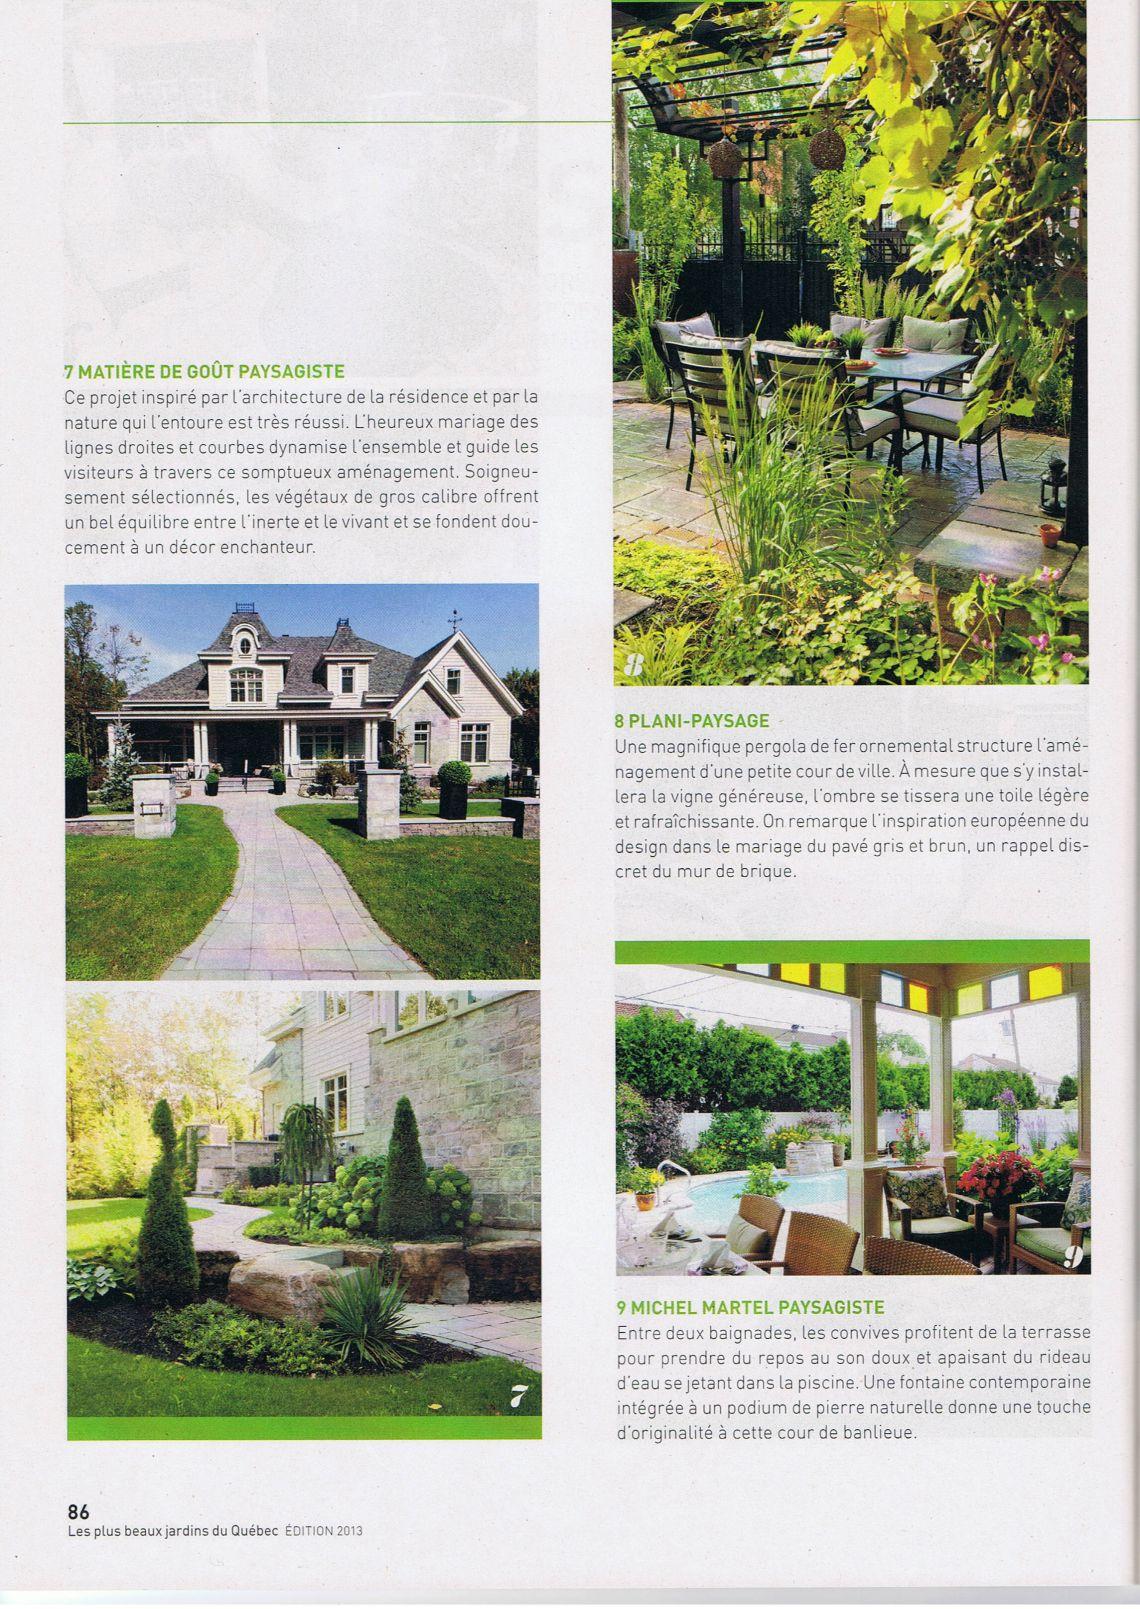 8b Les plus beaux jardins 2013 p86